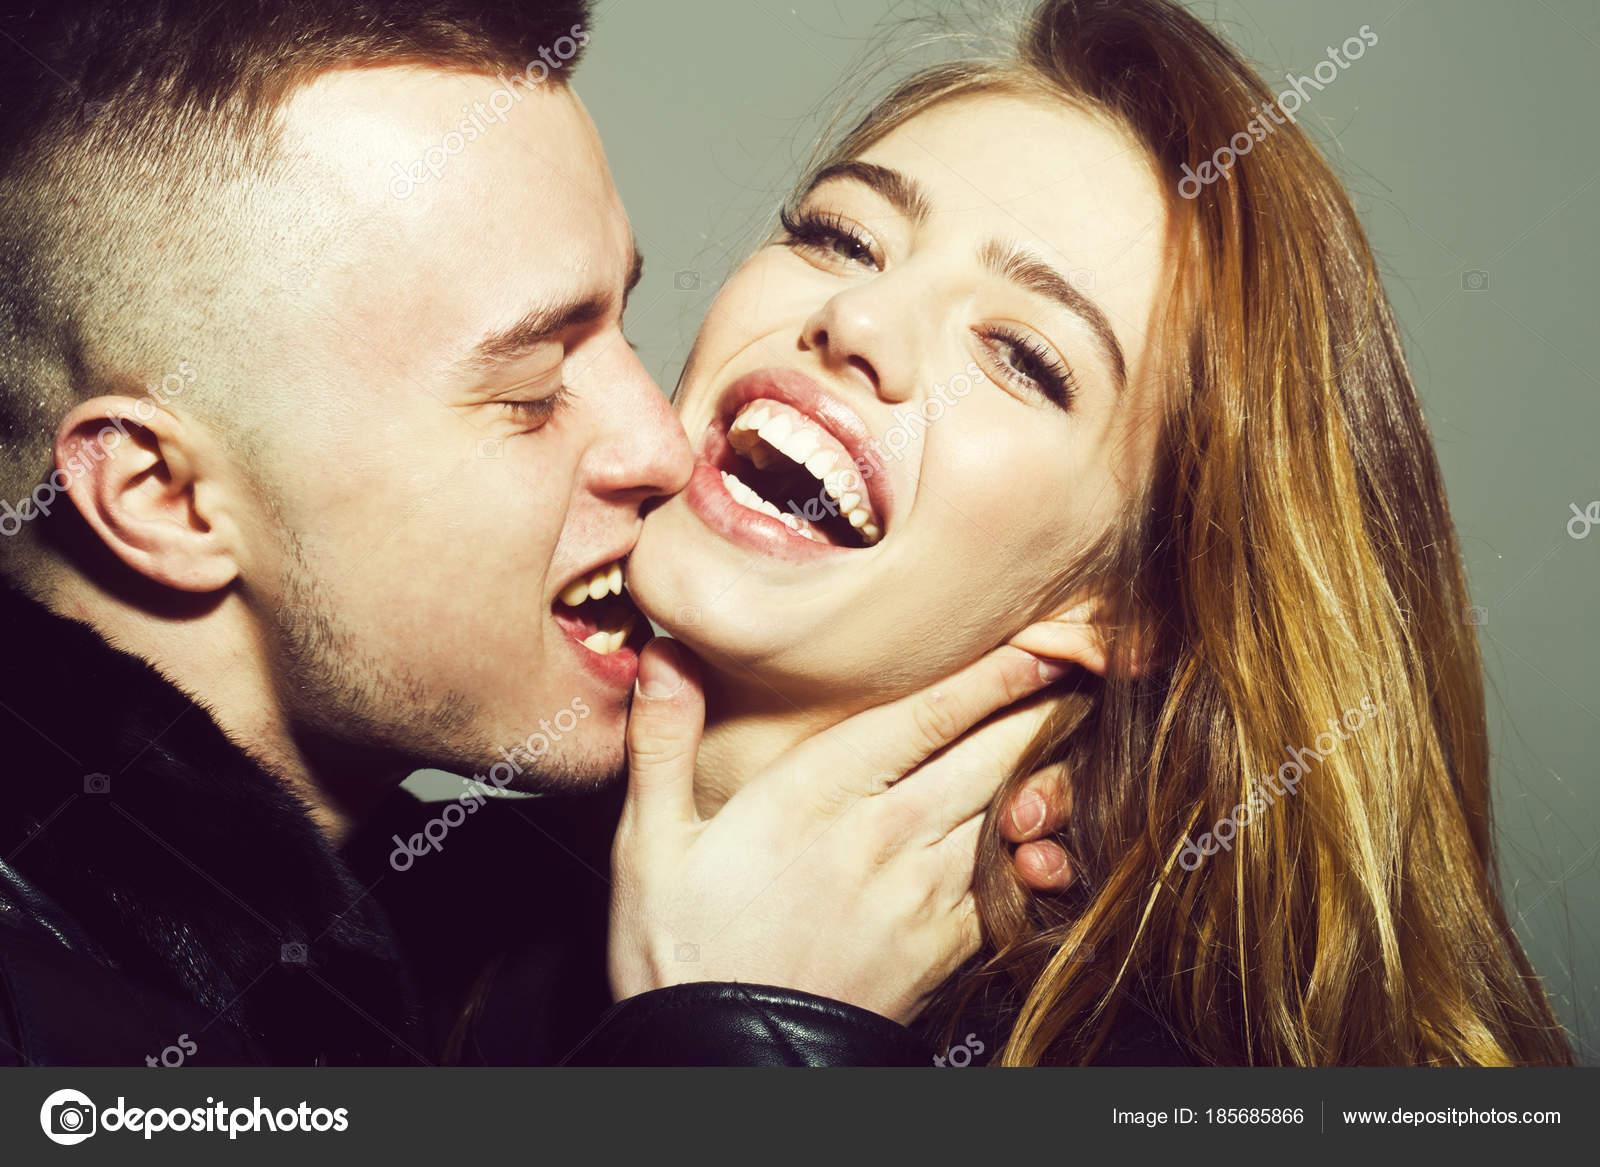 lang meisje en korte jongen dating het dateren van de zuster van uw broer in wet